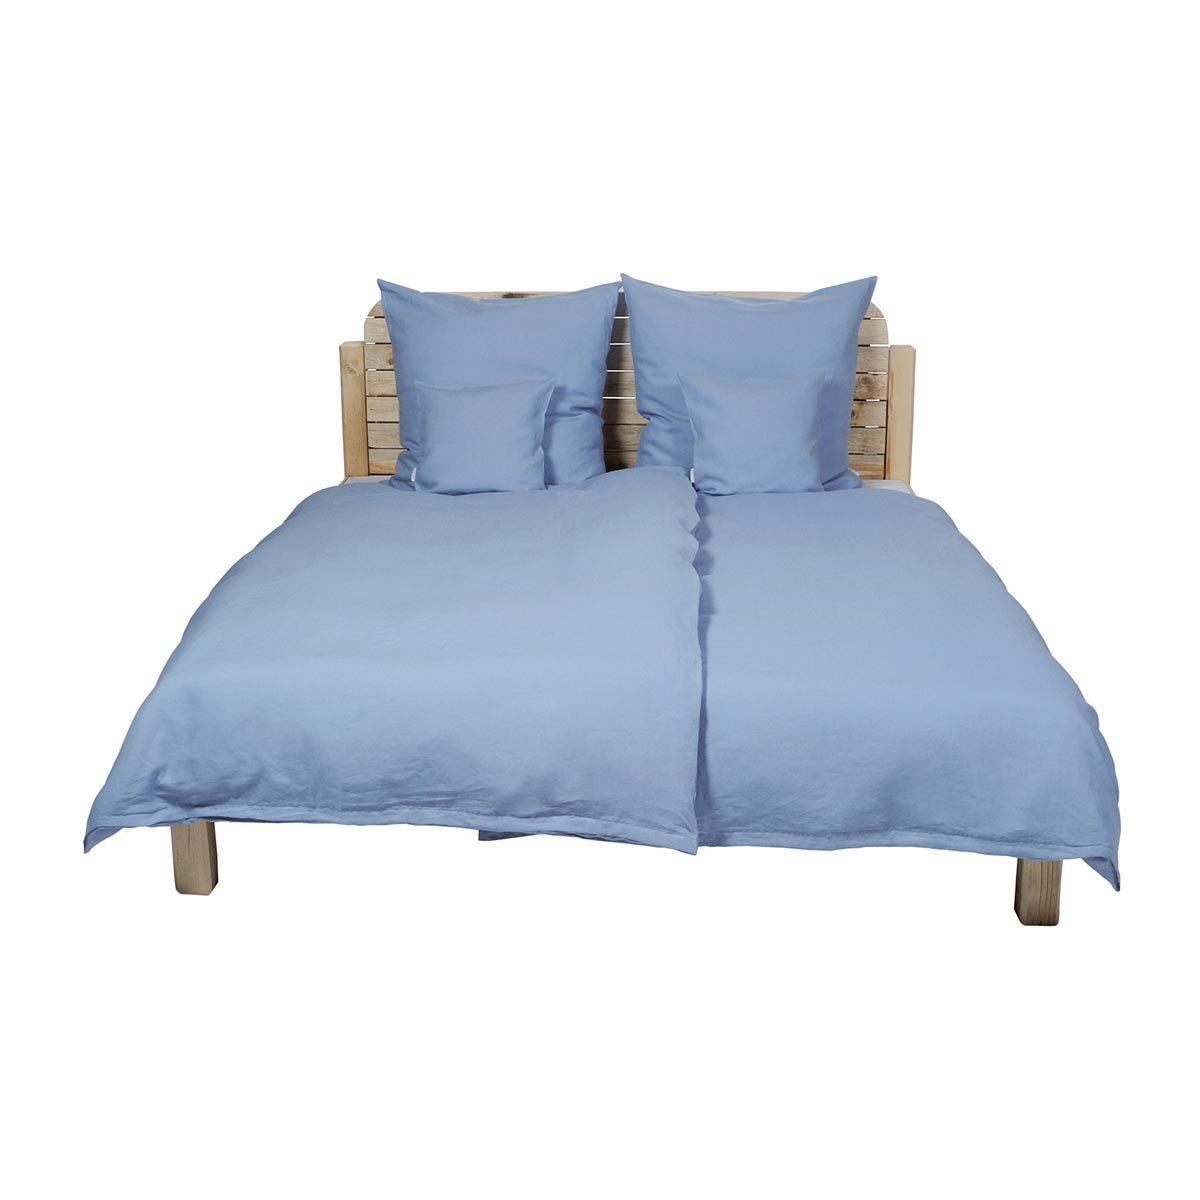 BettwarenShop Uni Reinleinen Bettwäsche blau